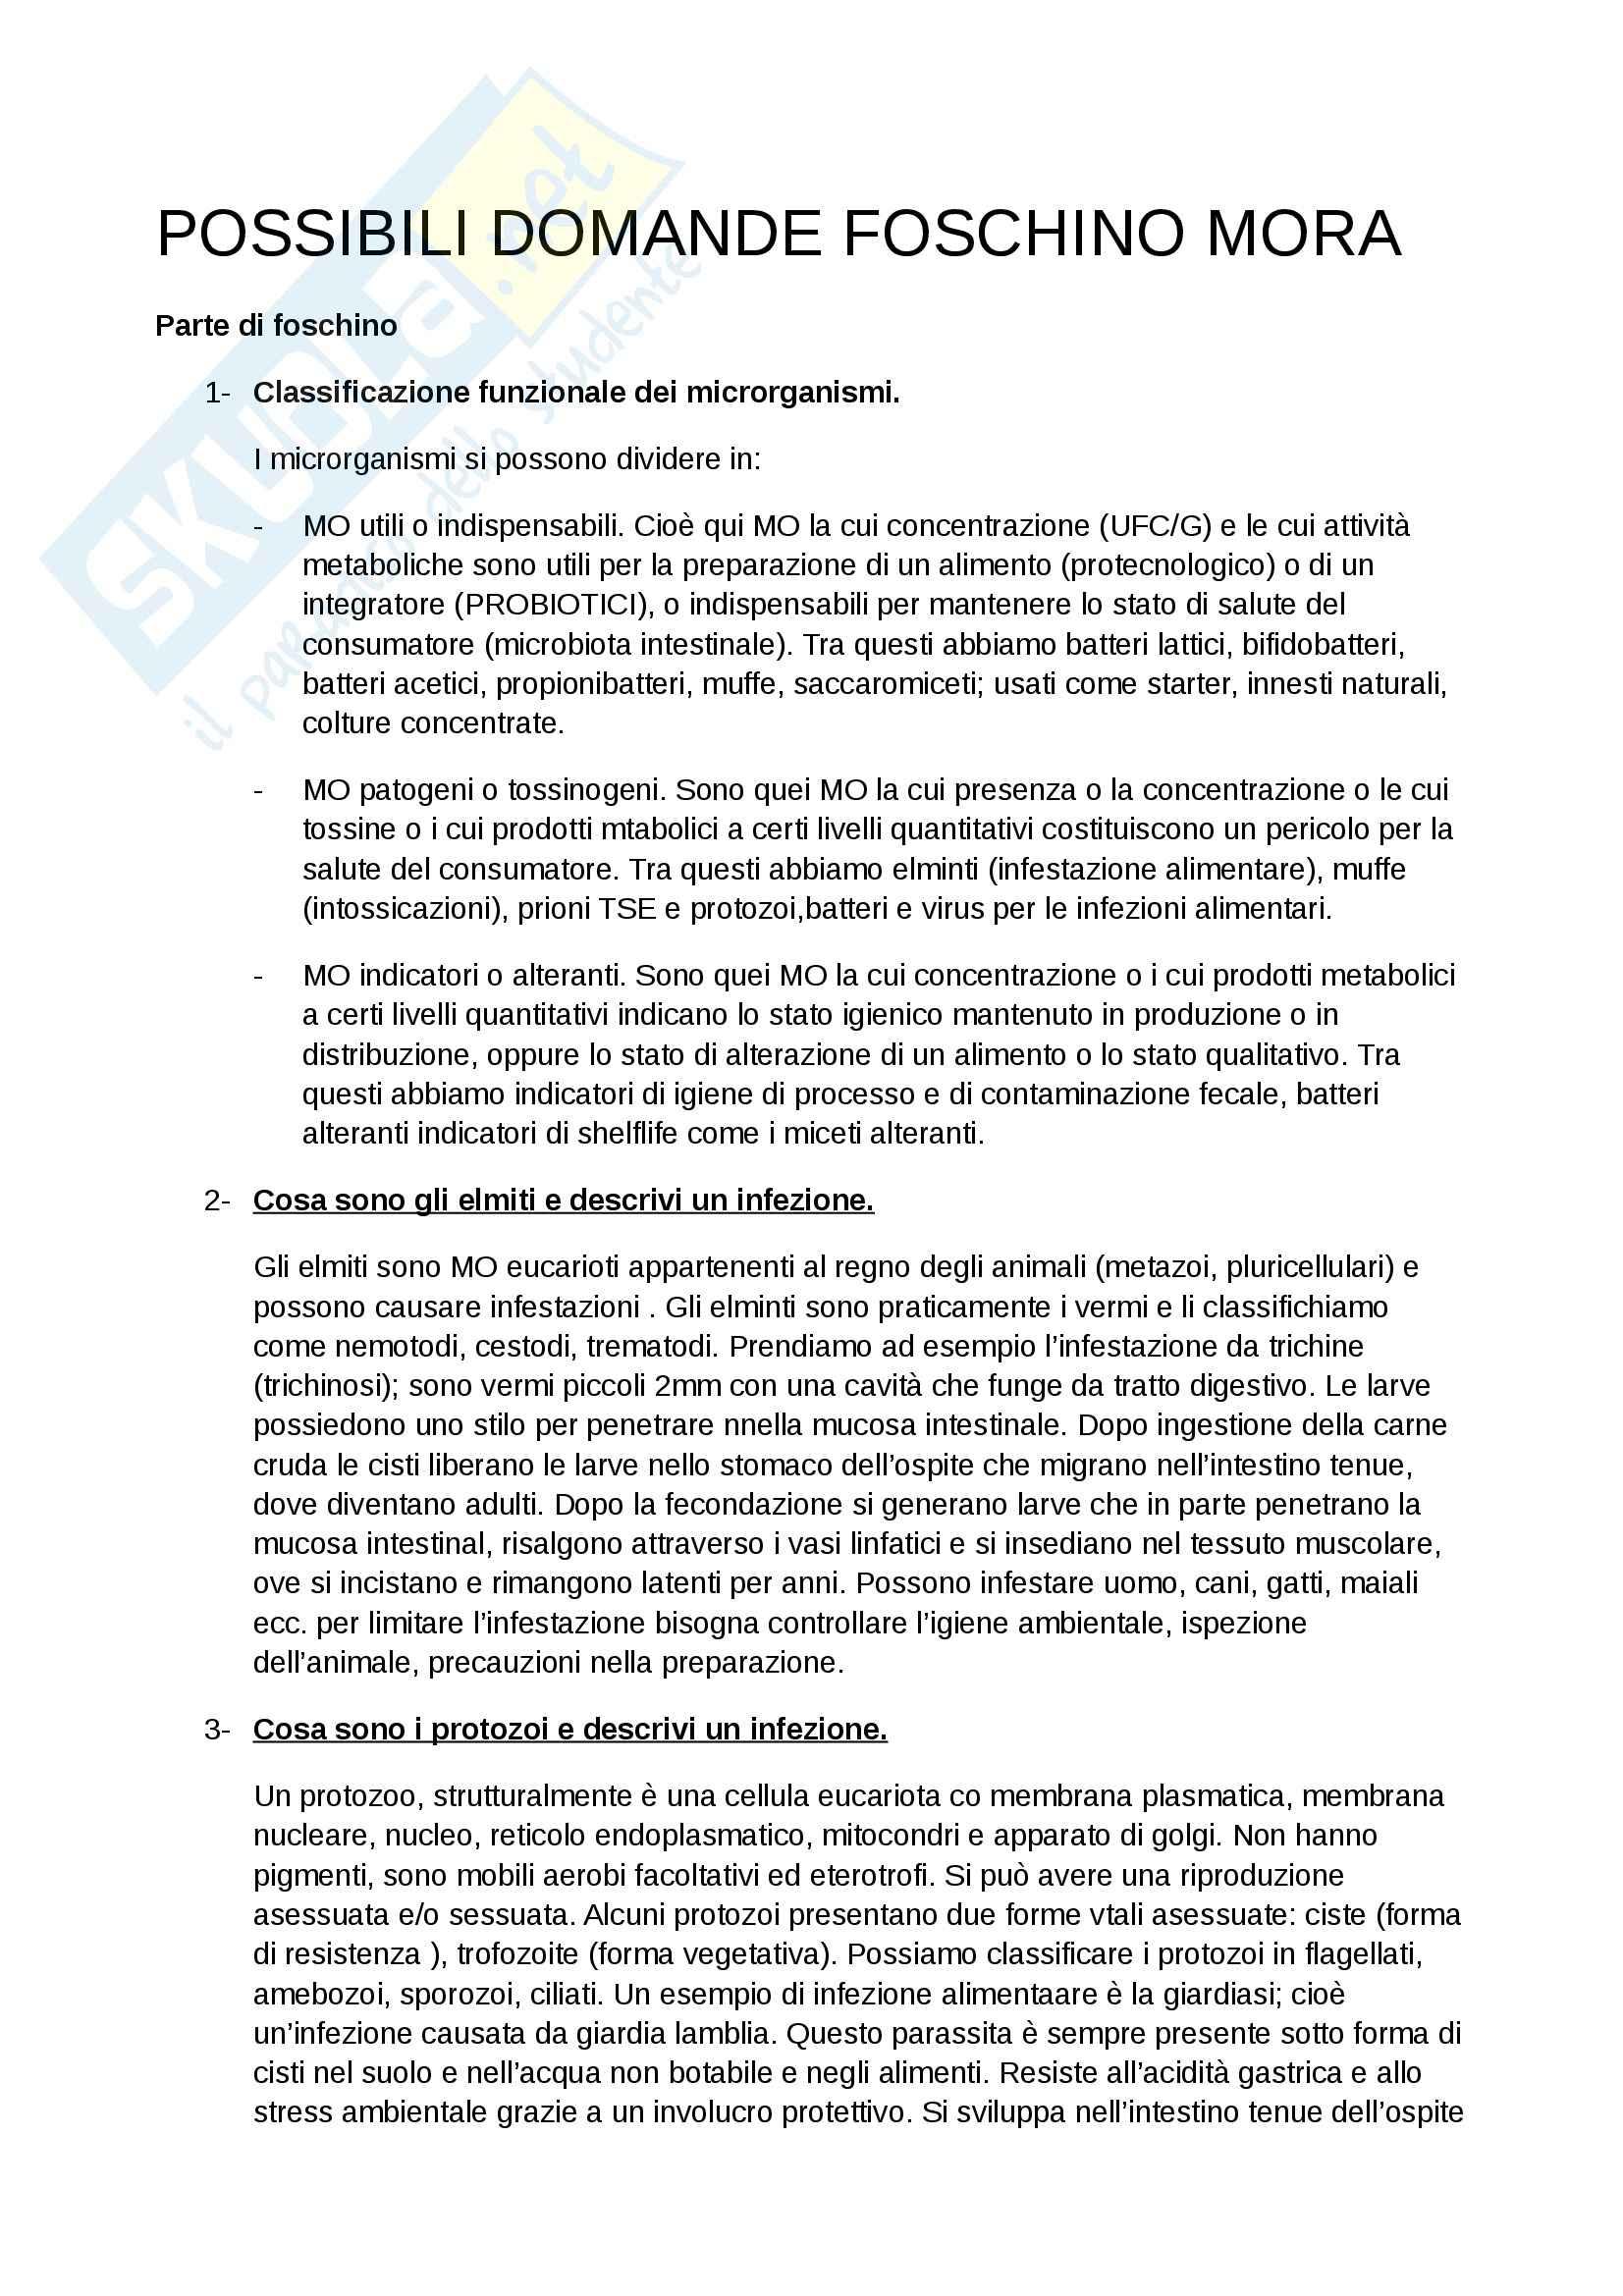 esercitazione D. Mora Qualità e sicurezza microbiologica nei sistemi alimentari ed ecologia del microbiota umano